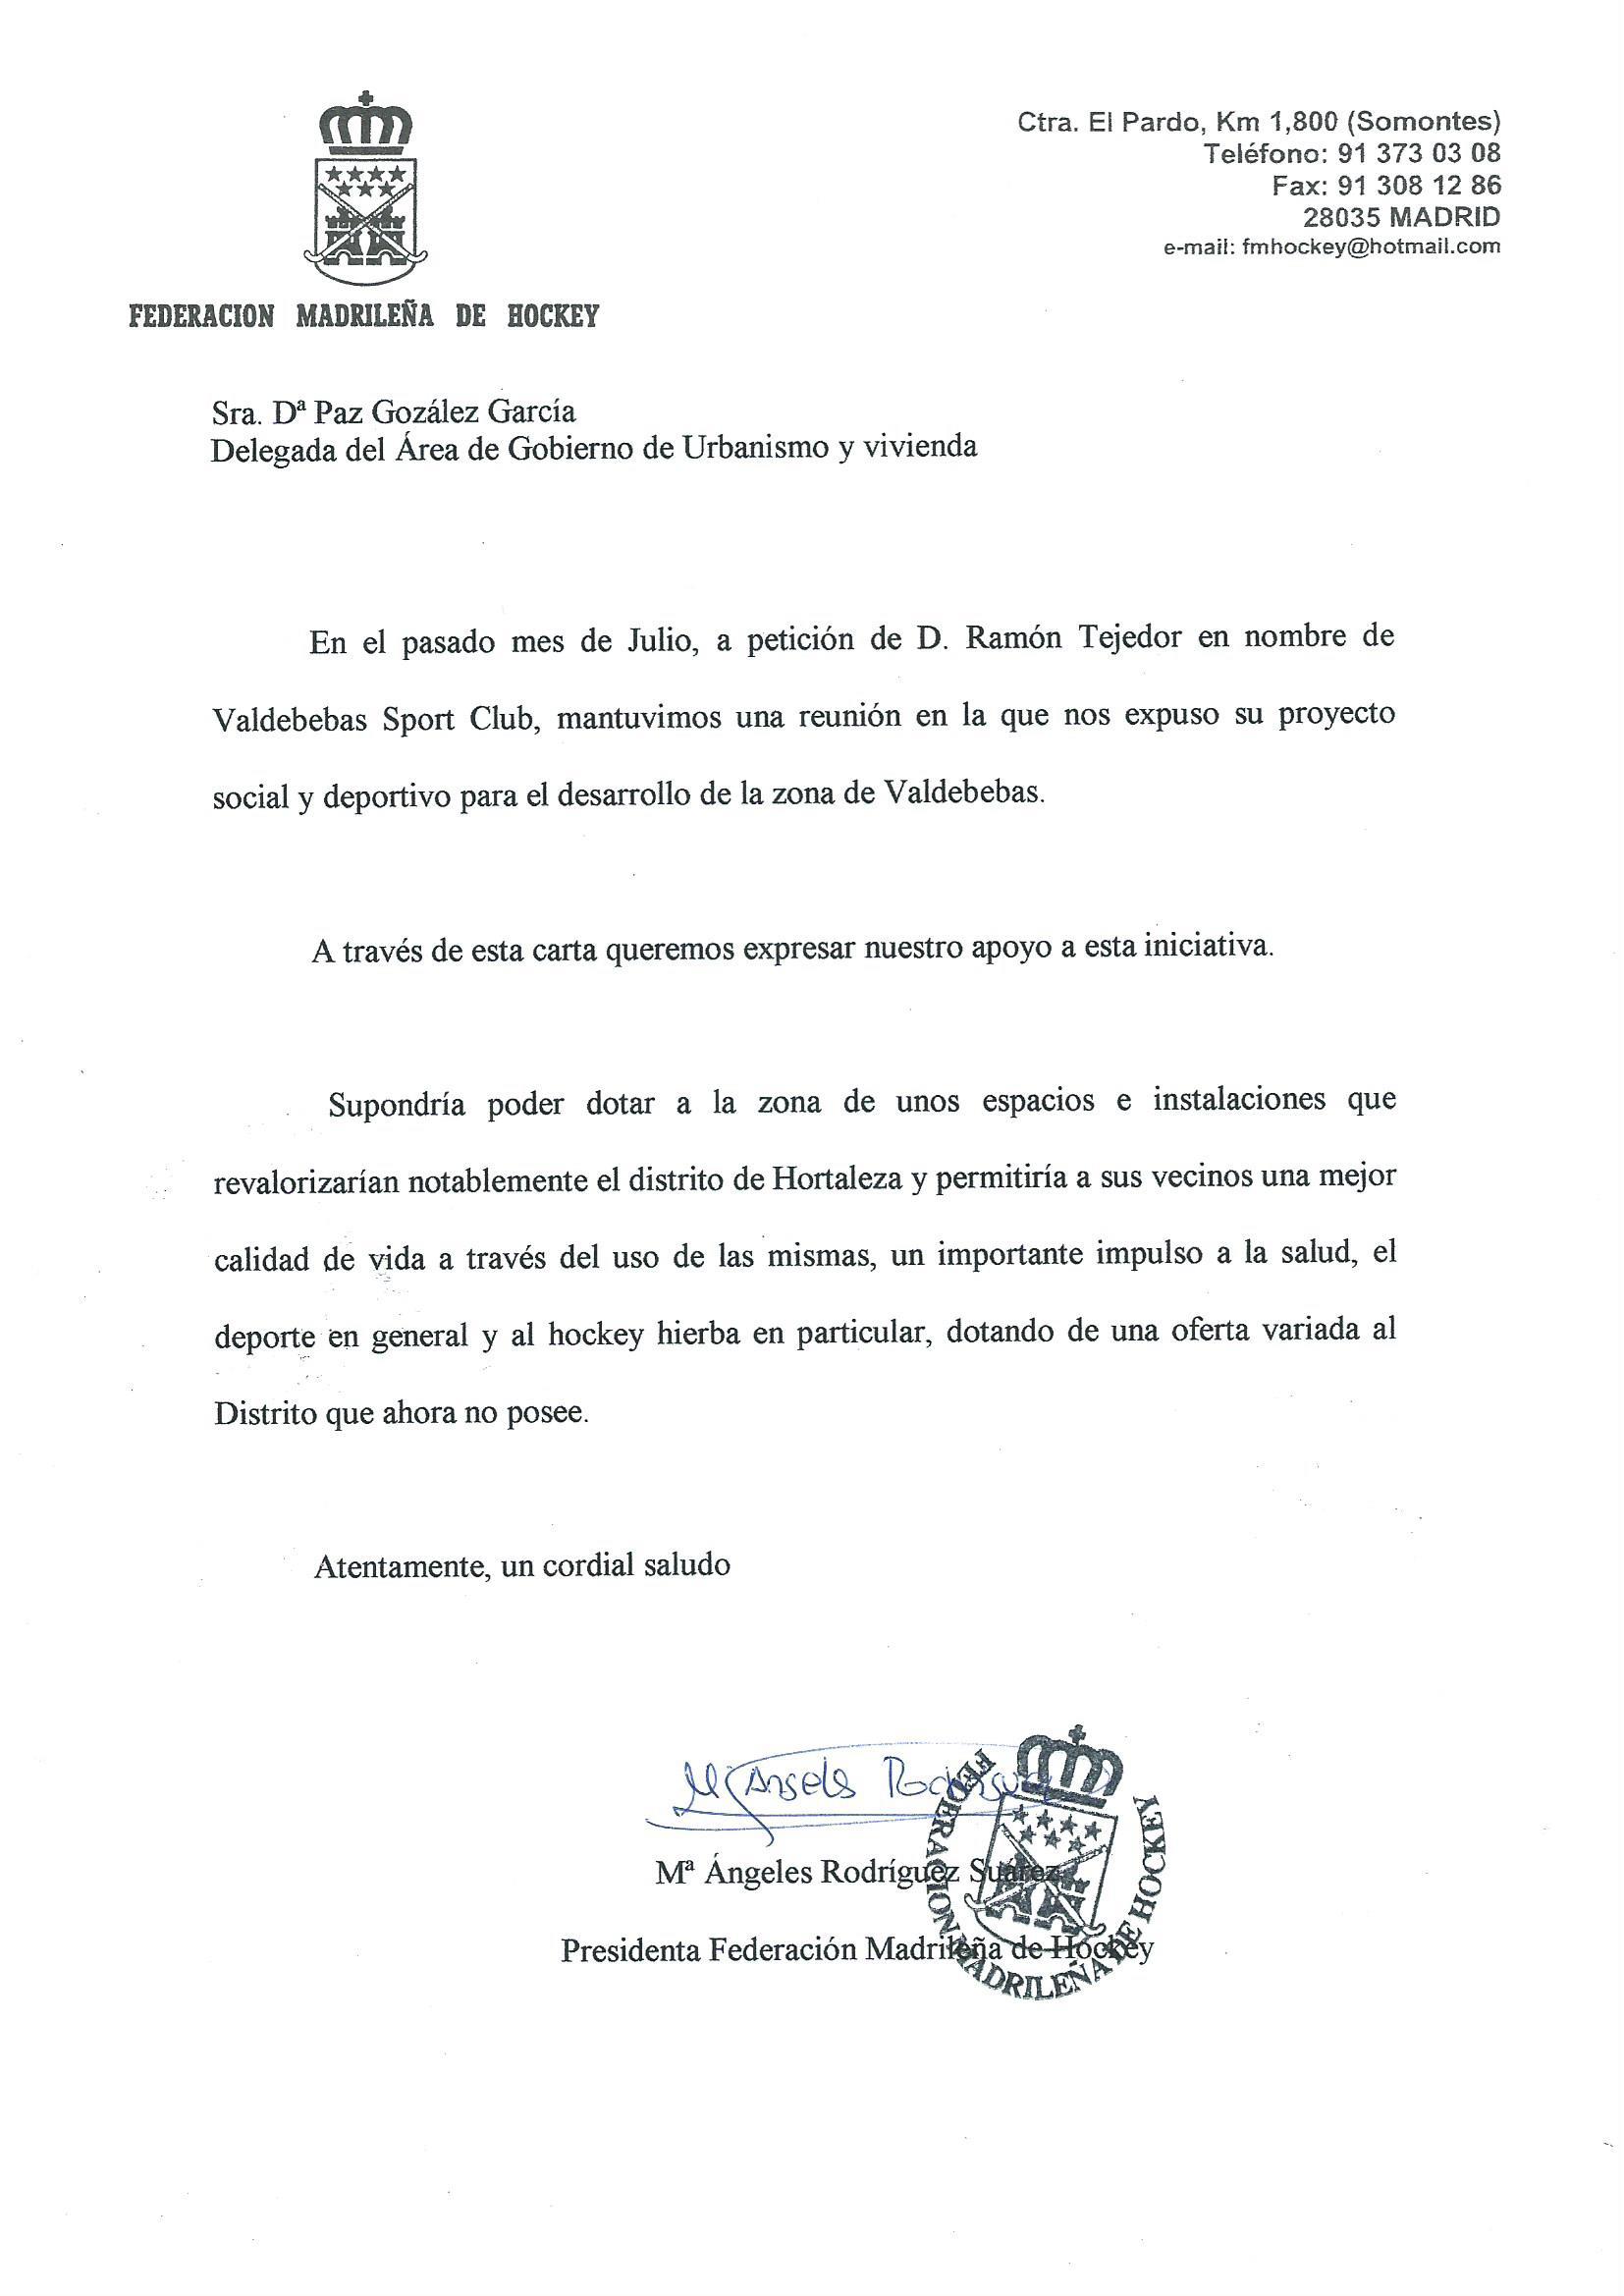 carta-presidenta-fmh-delegada-de-urbanismo